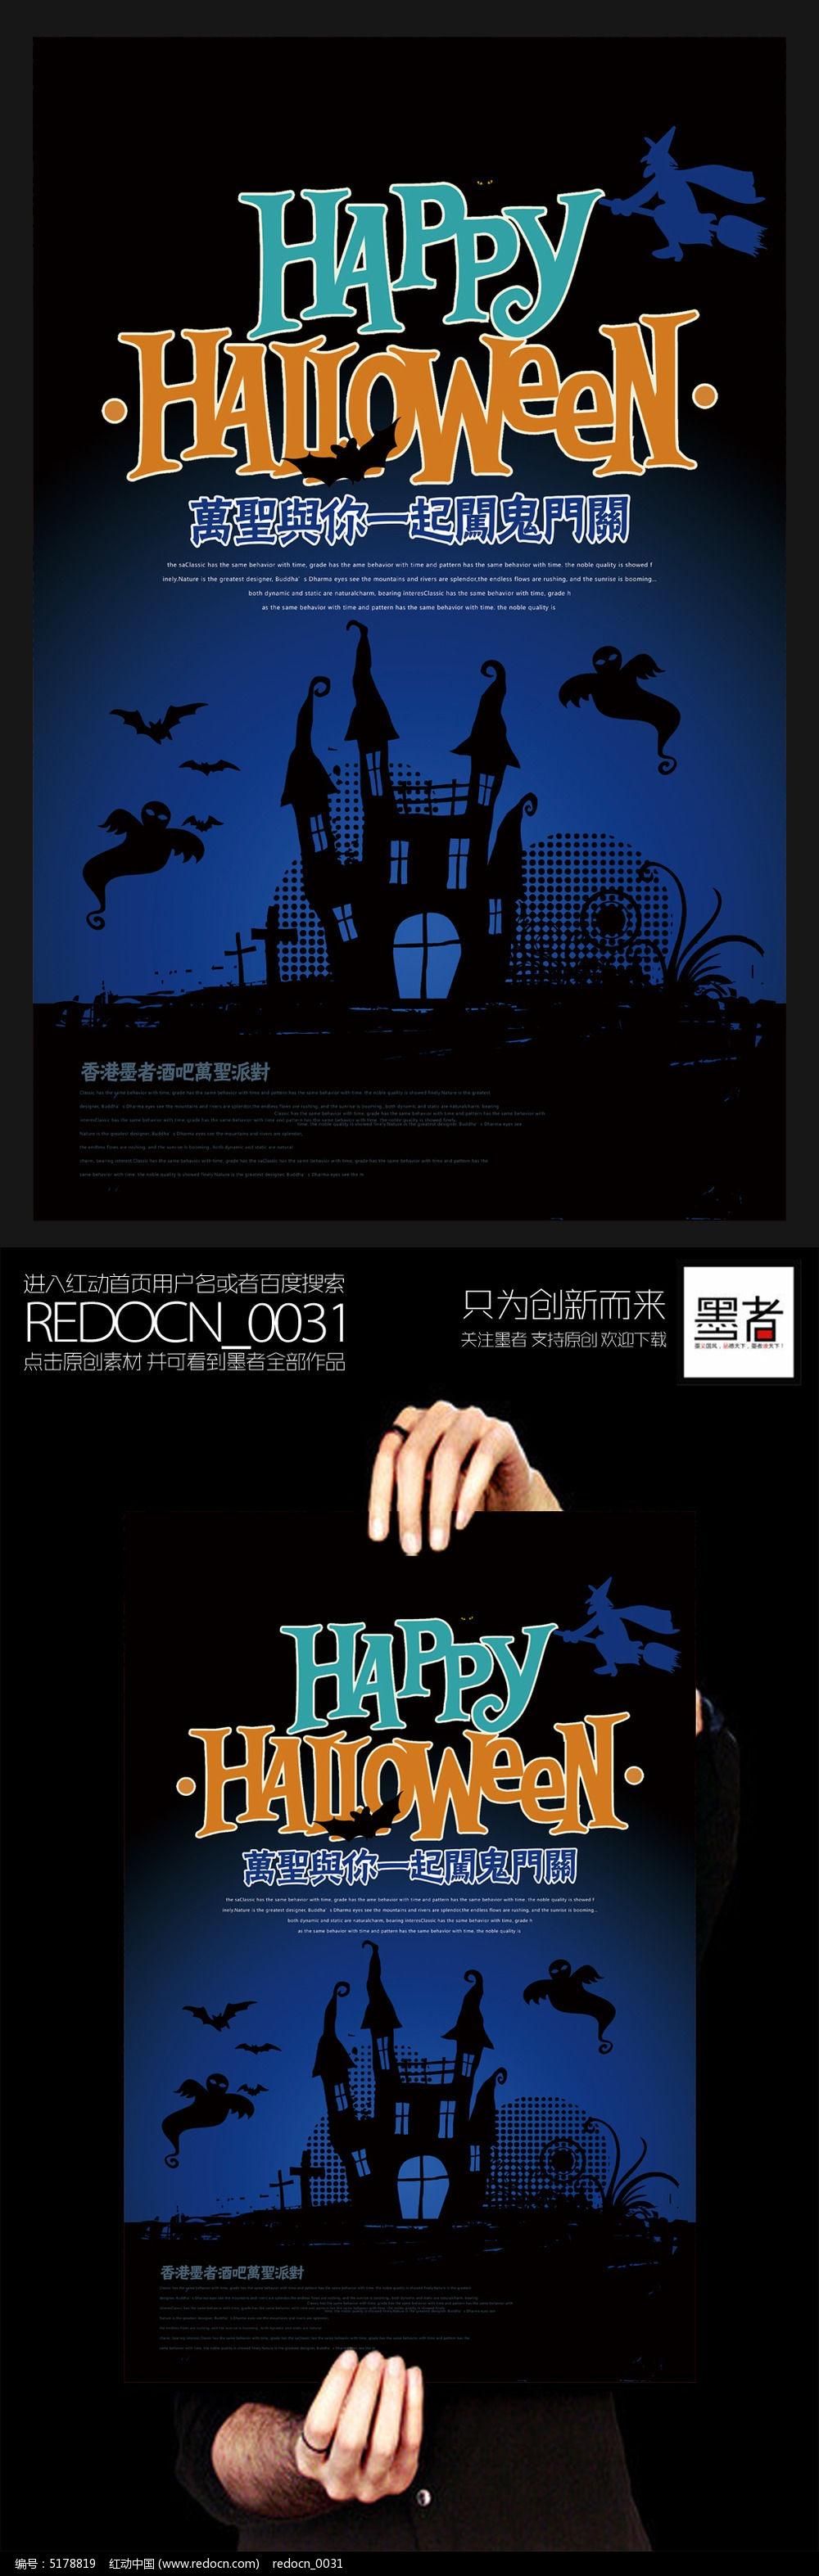 恐怖创意国外万圣节宣传海报模板图片